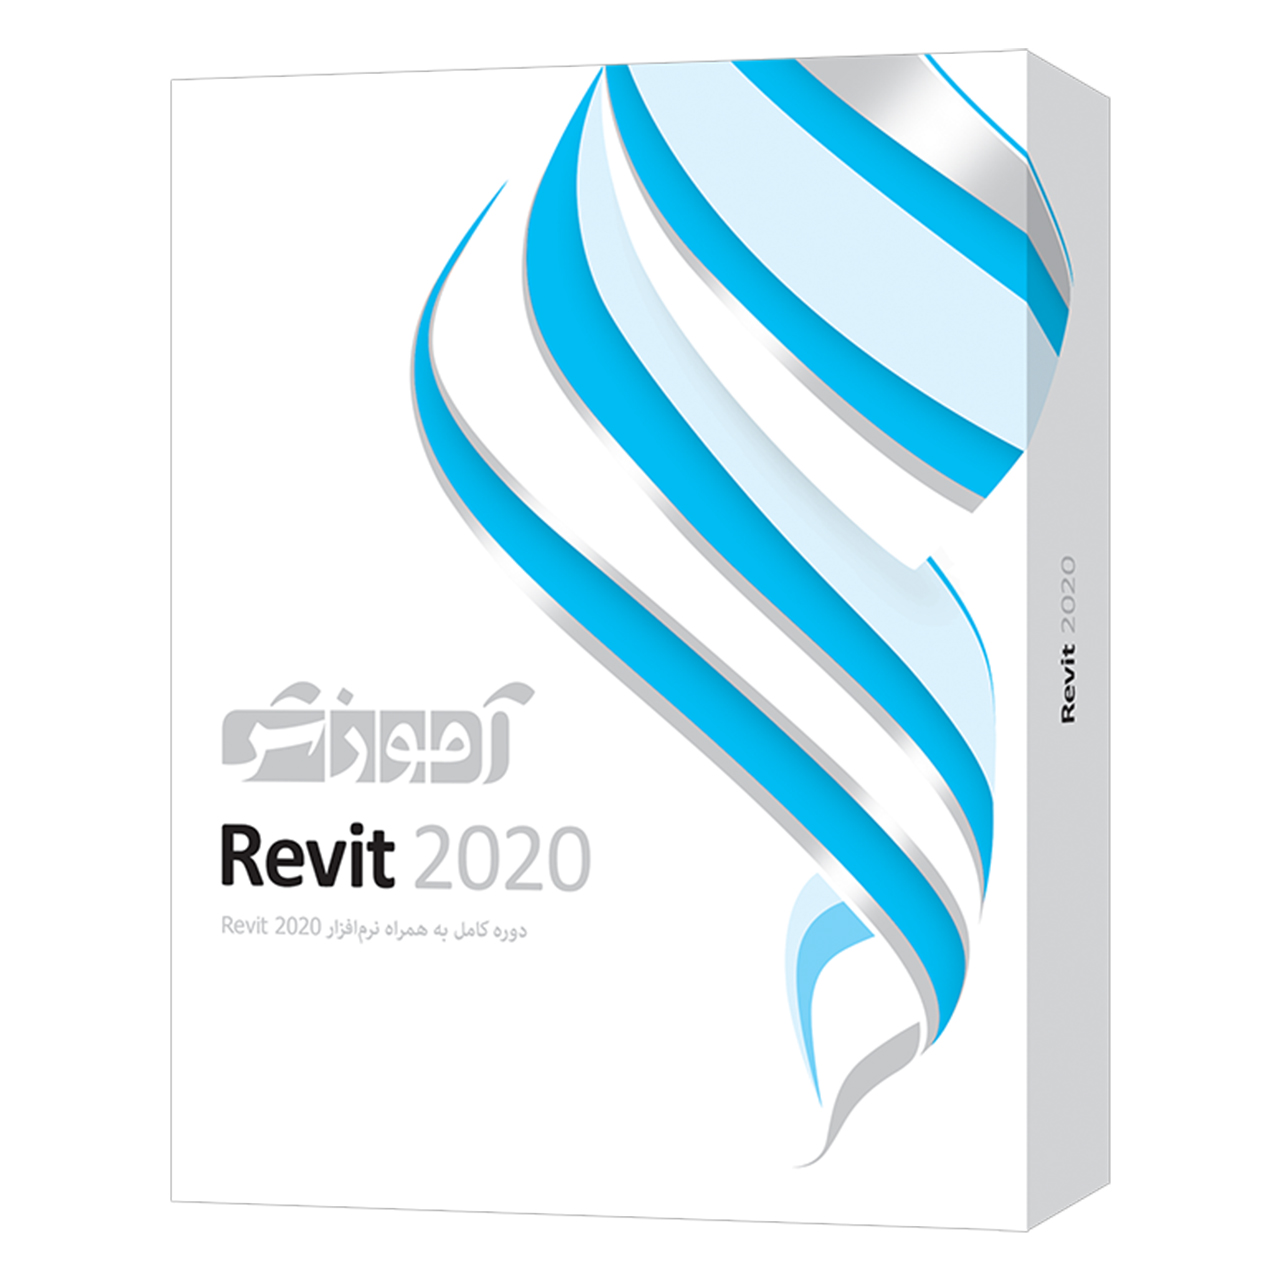 نرم افزار آموزش Autodesk Revit 2020 شرکت پرند